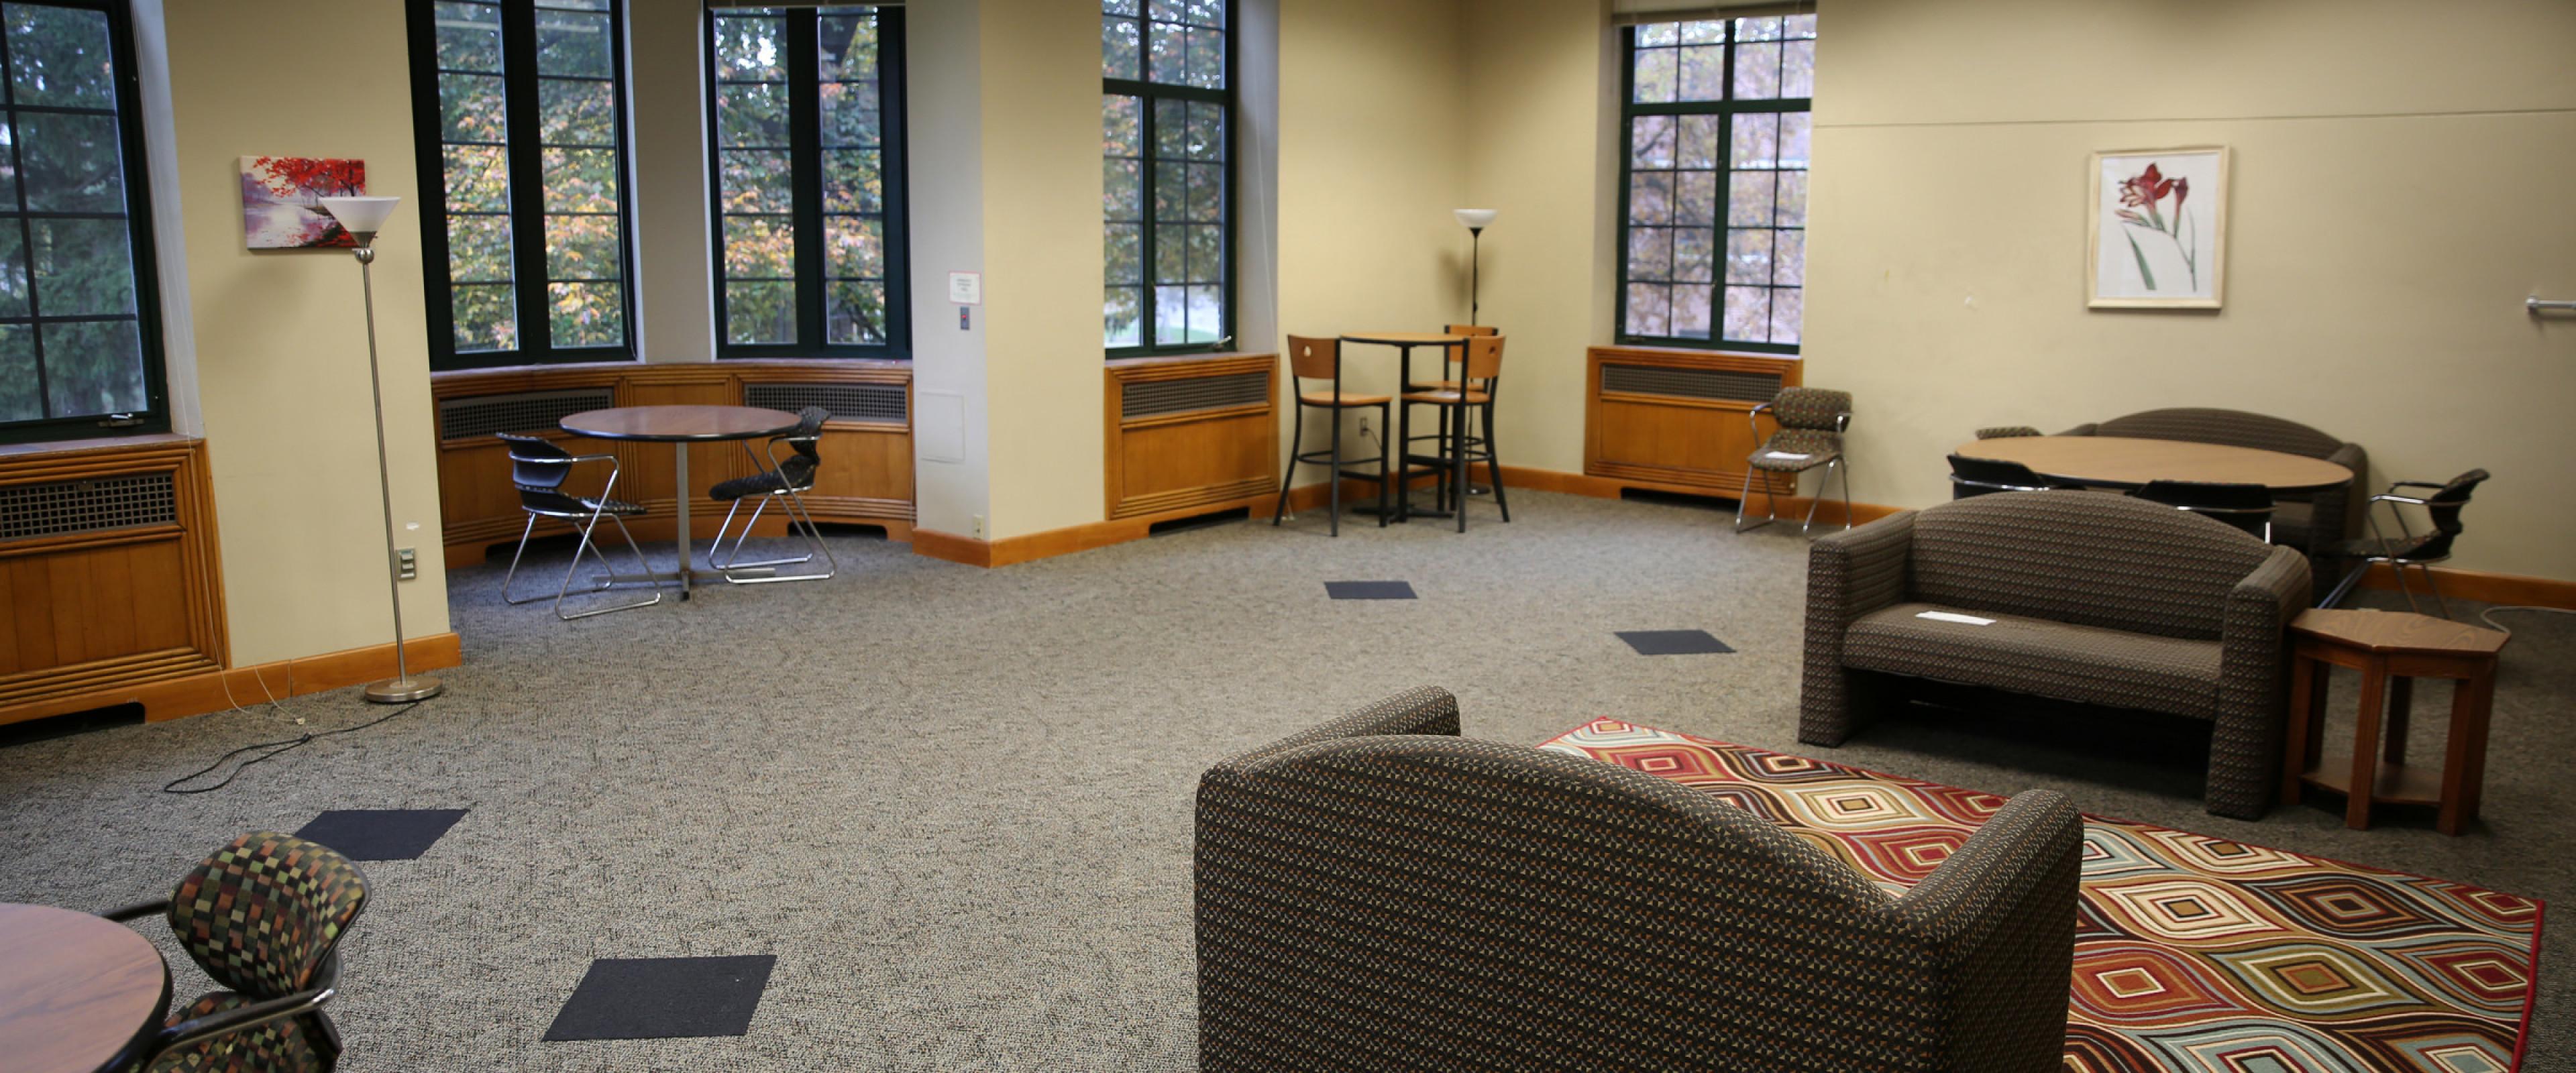 Spindler study lounge